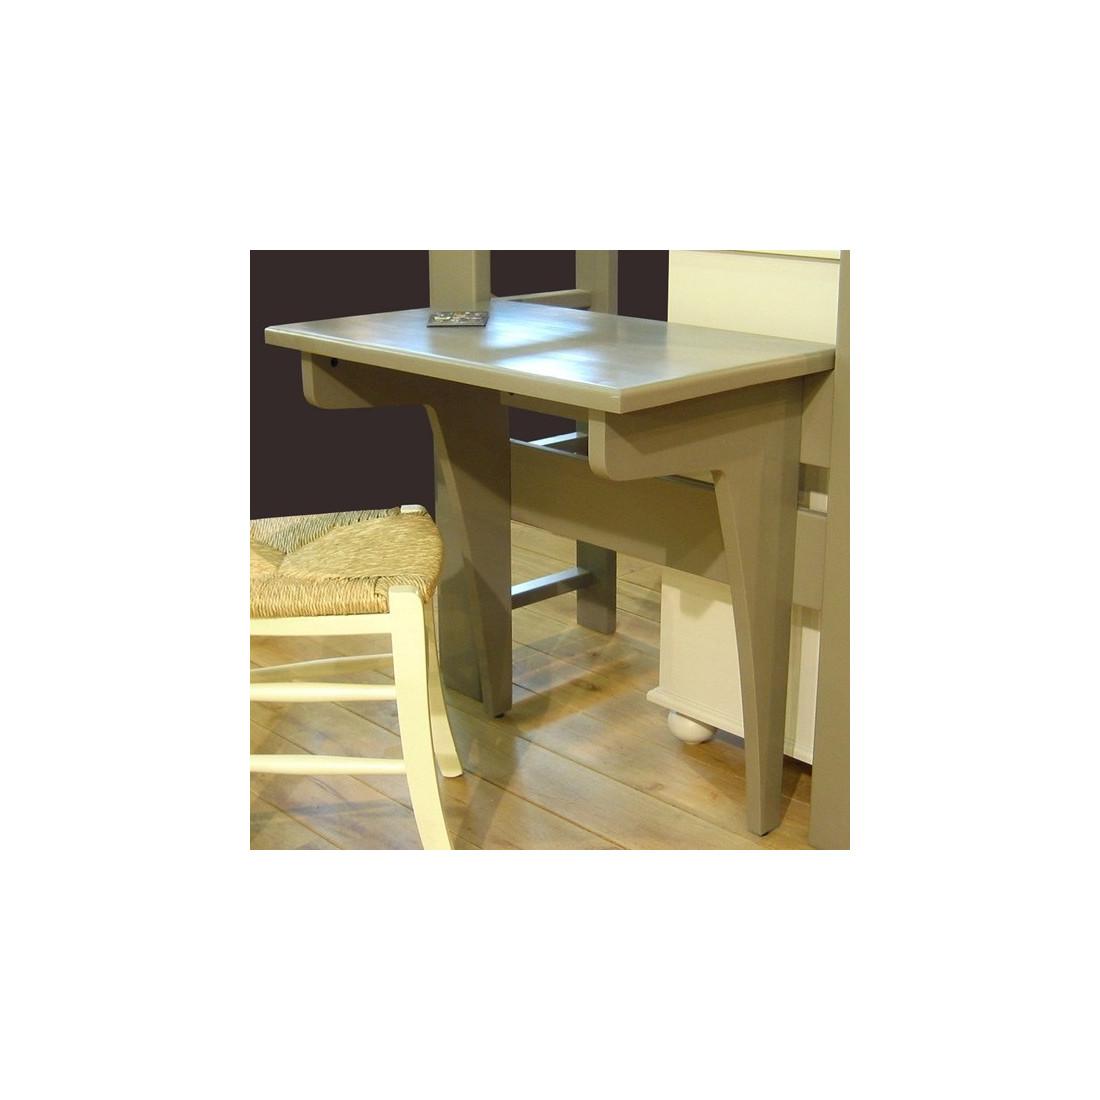 bureau pour lit sur lev x x ma chambramoi. Black Bedroom Furniture Sets. Home Design Ideas